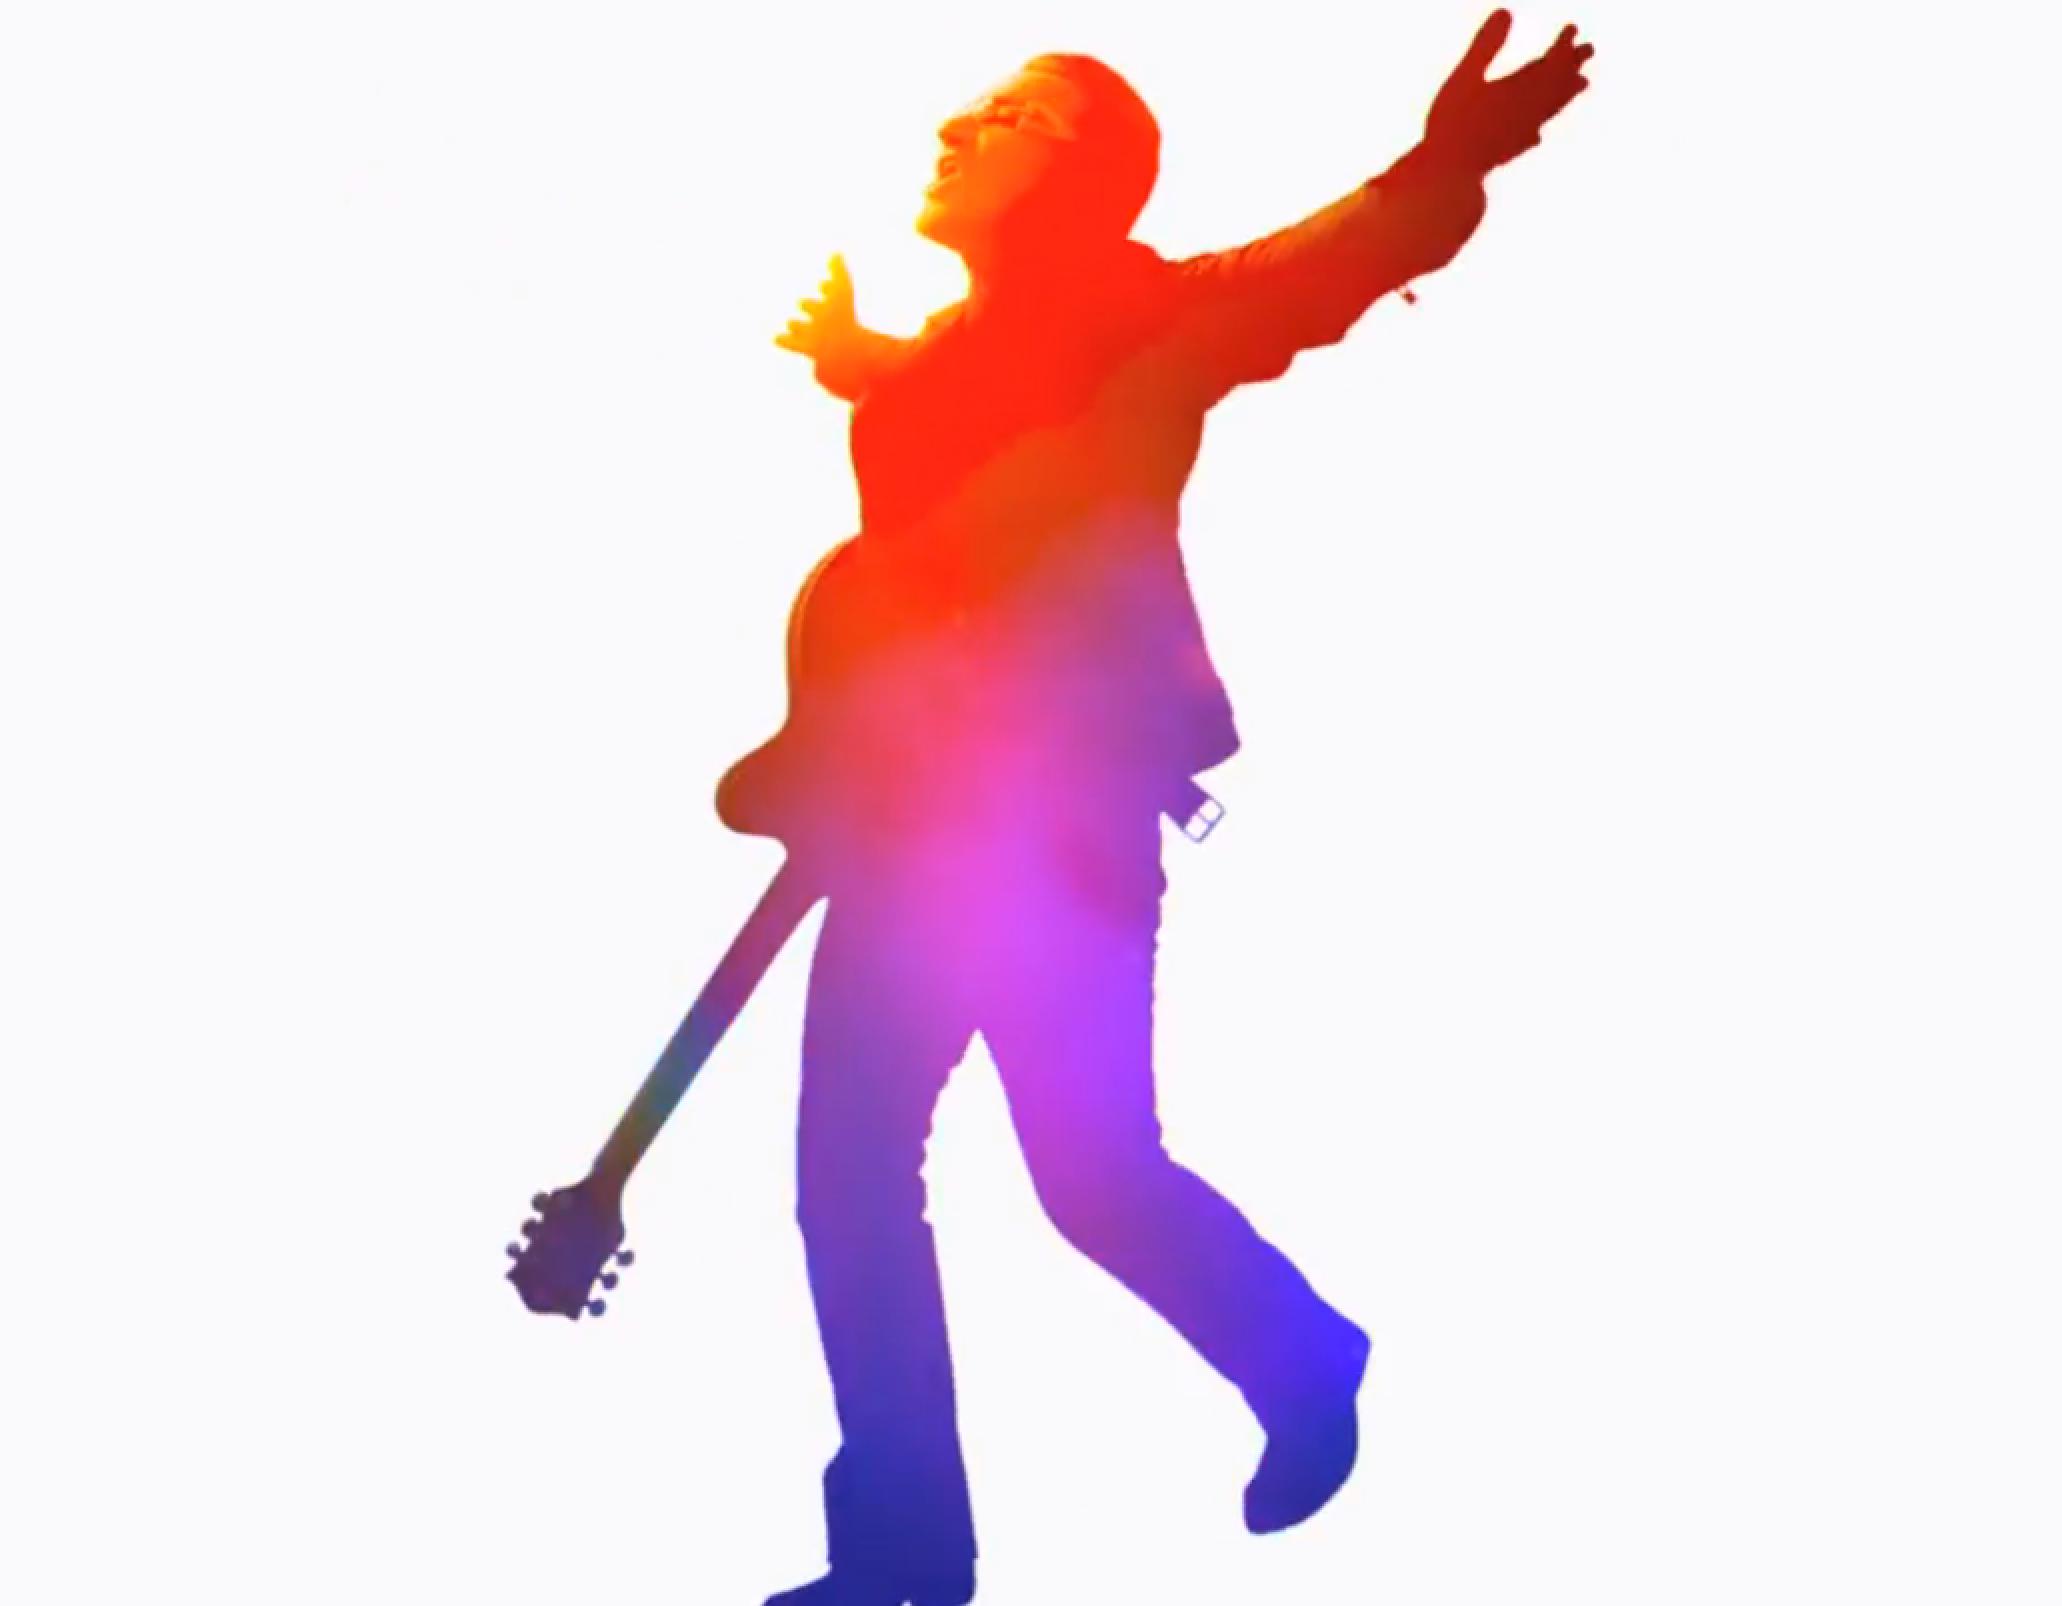 Rimuovere album U2 da iPhone, Apple vi dà una mano